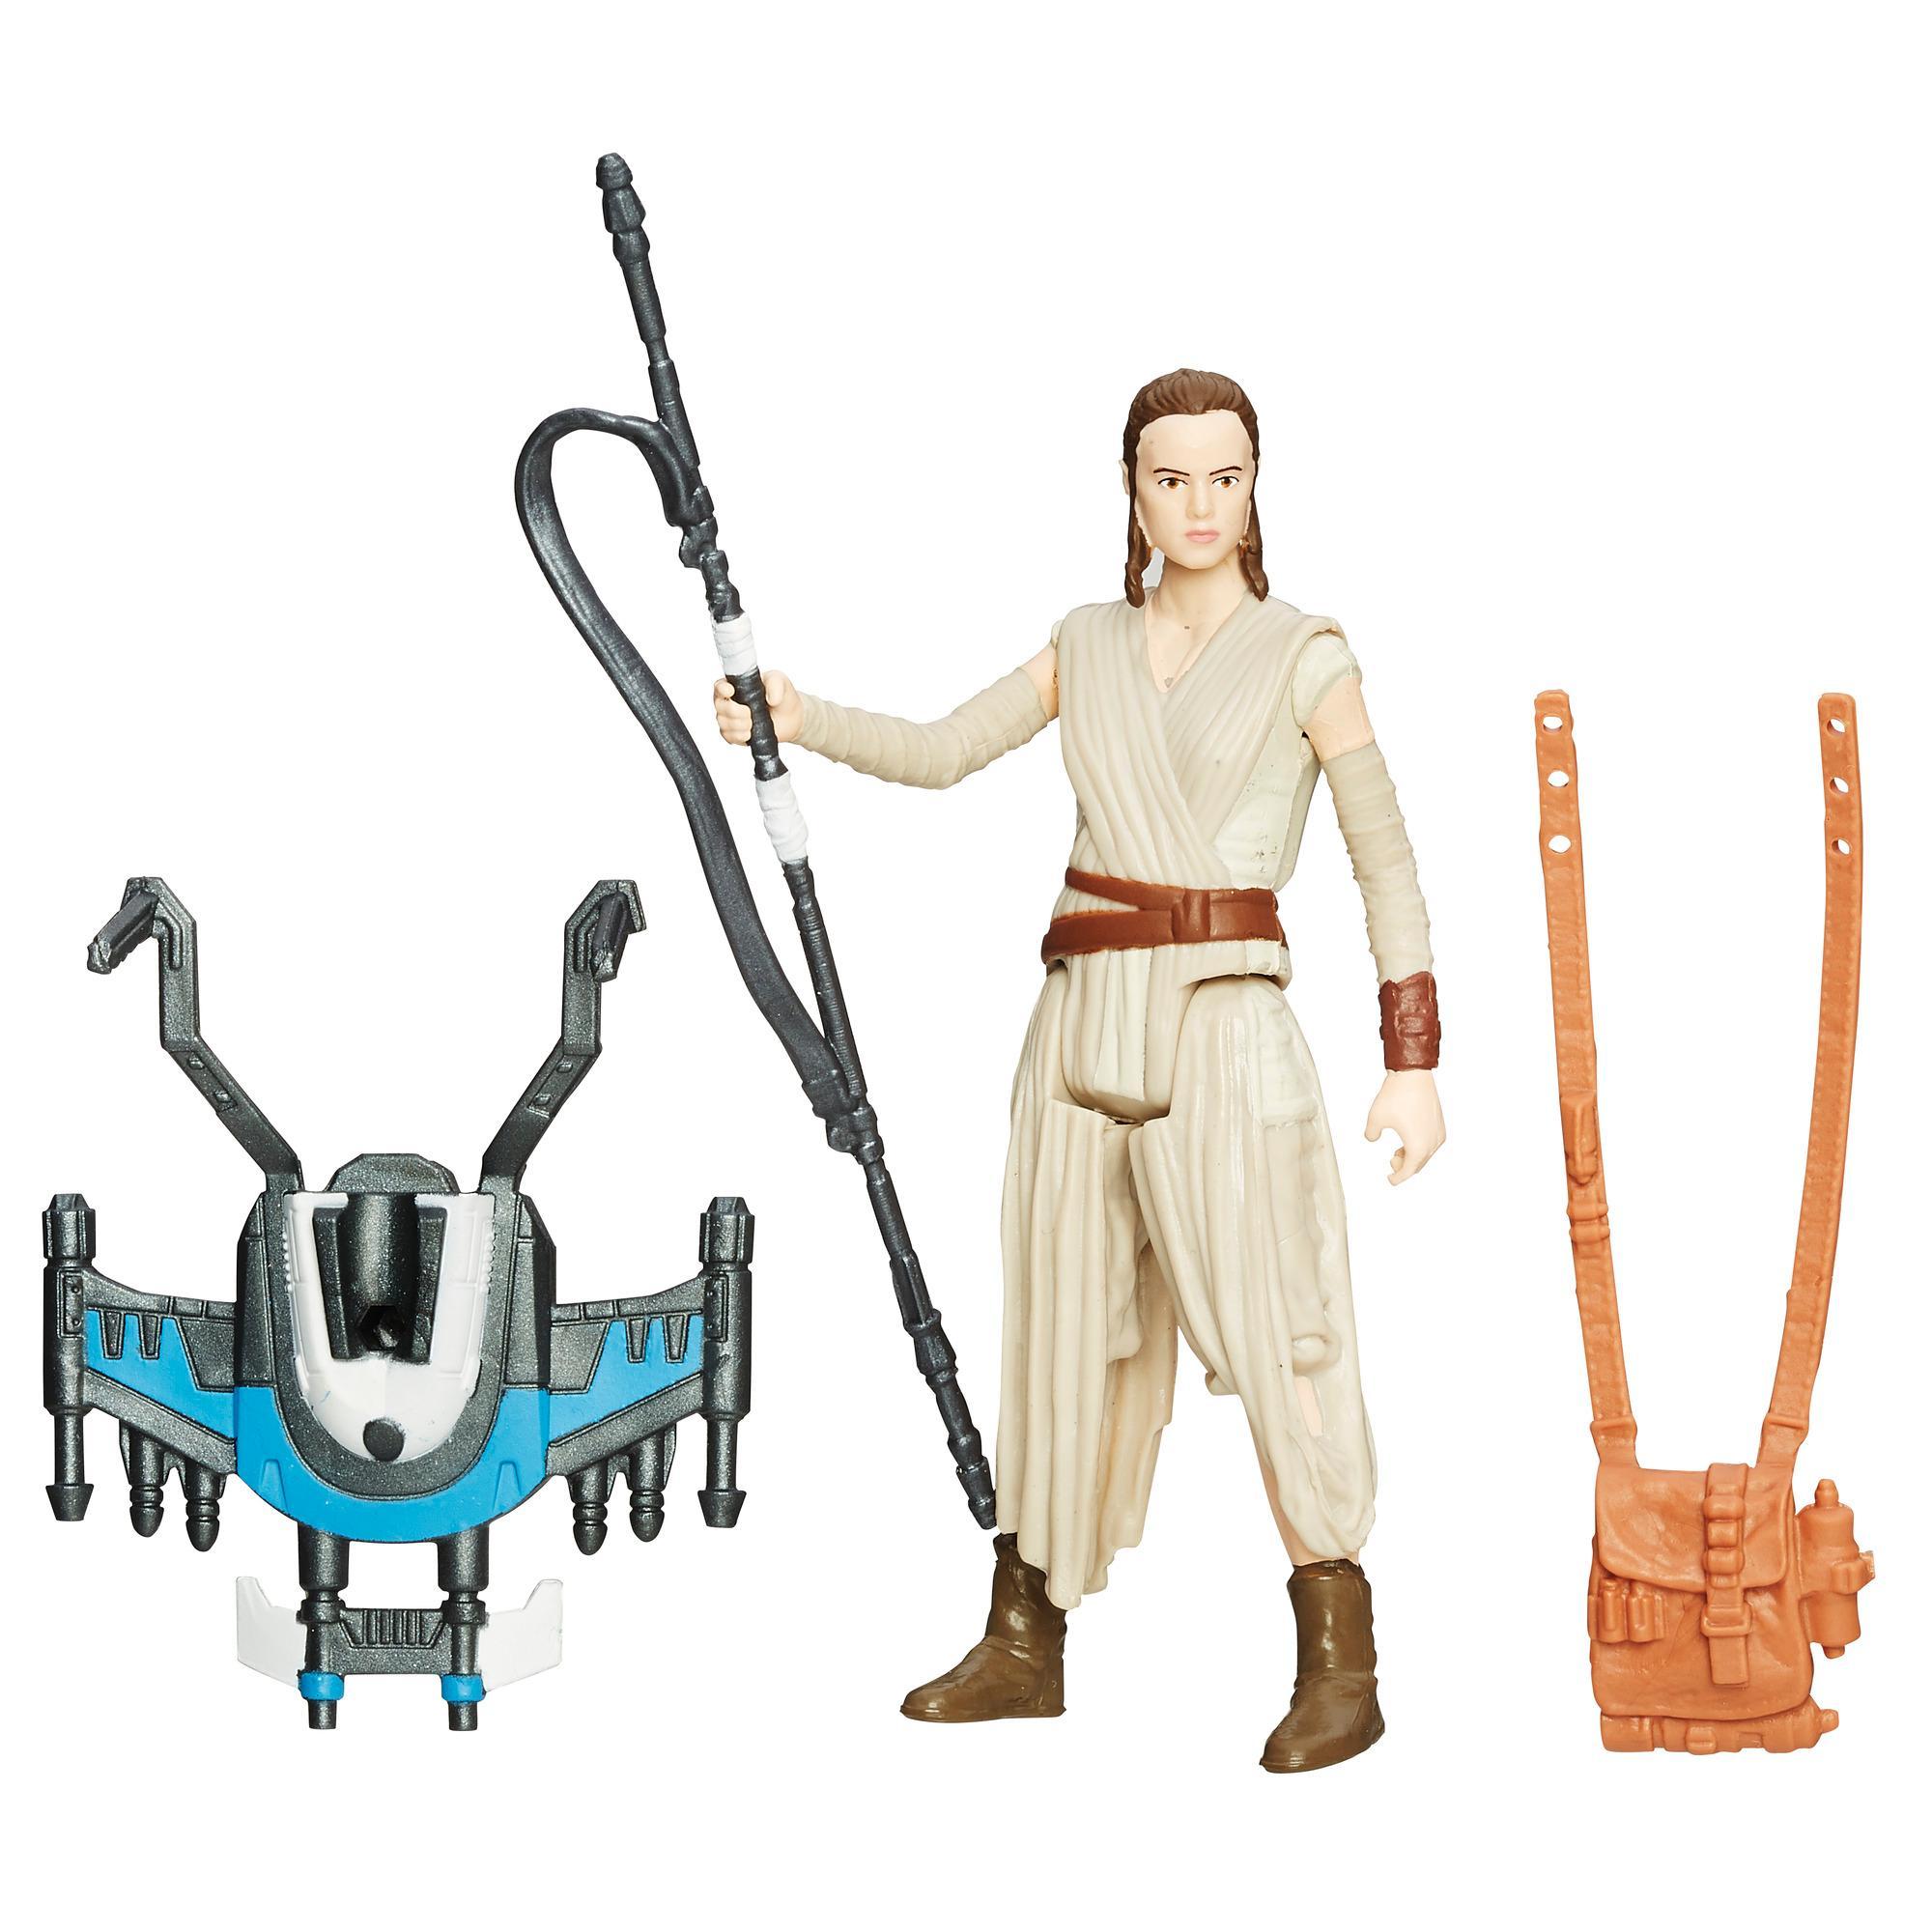 Gwiezdne wojny: Przebudzenie Mocy, 9,5-centymetrowa (3,75-calowa) figurka Rey — Śnieżna misja (Baza Starkiller)